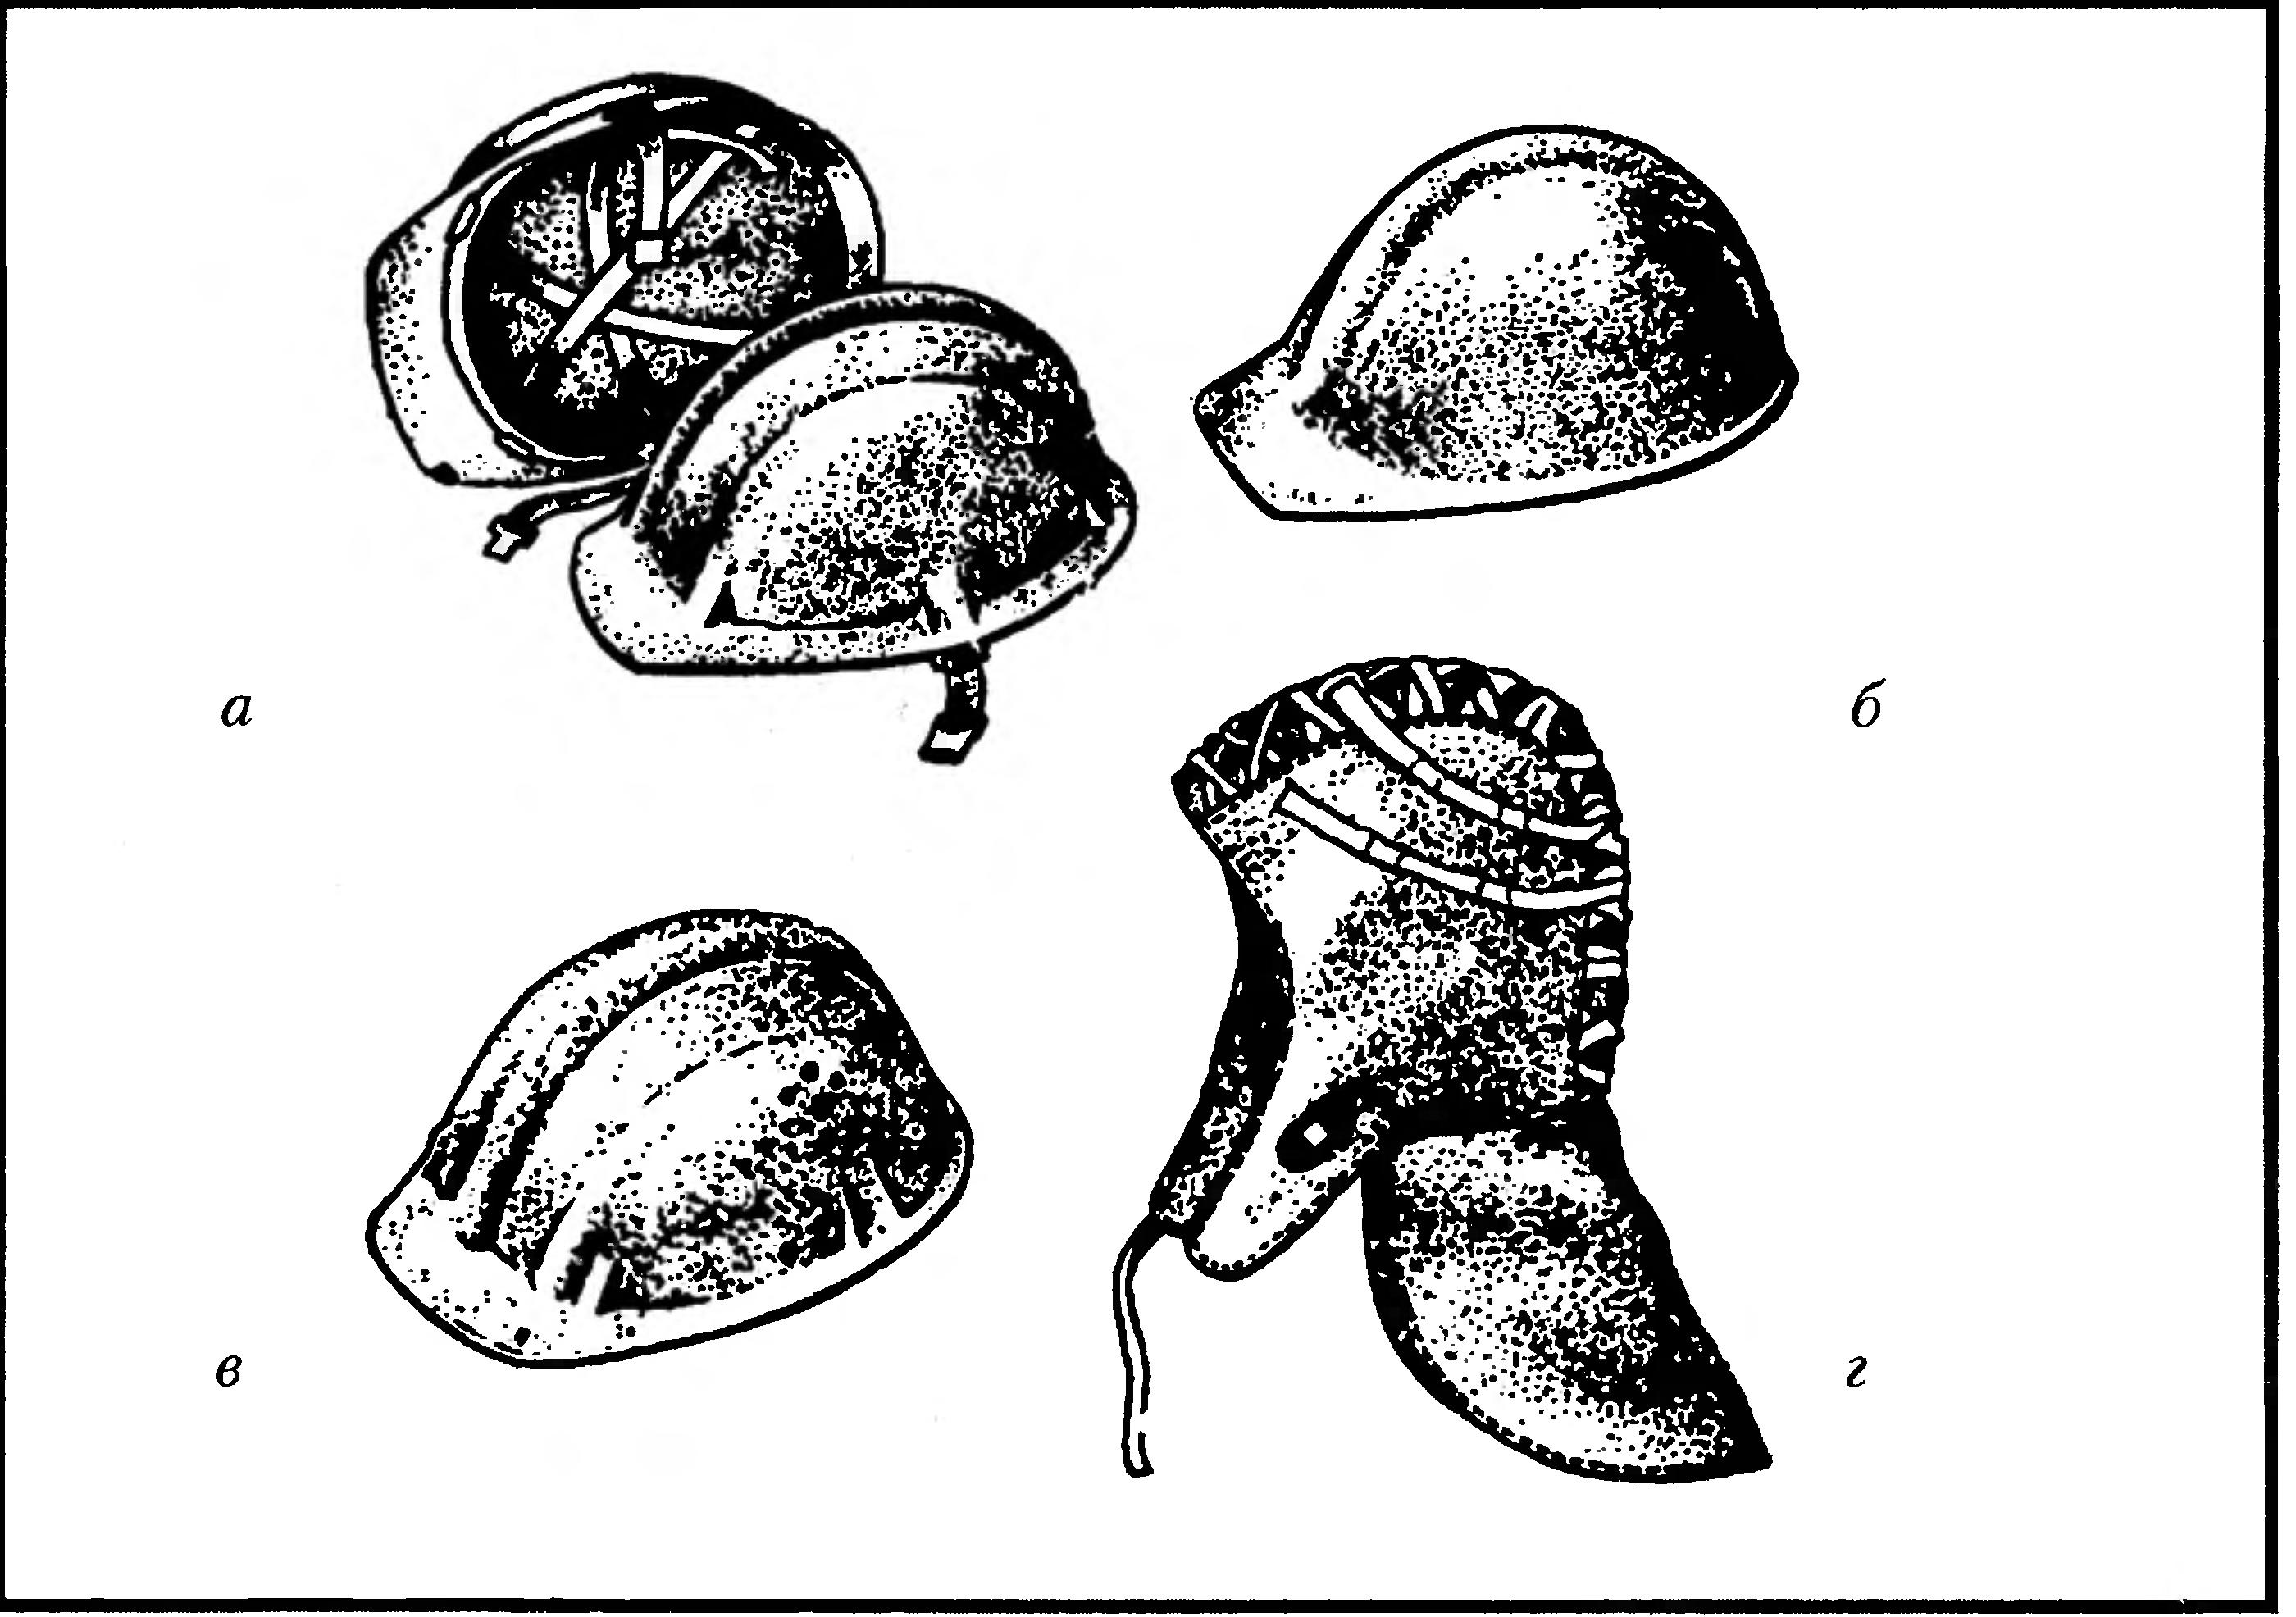 Засоби захисту голови дозволяють не допустити травмування голови при  виконанні монтажних 1cf0270637ffe